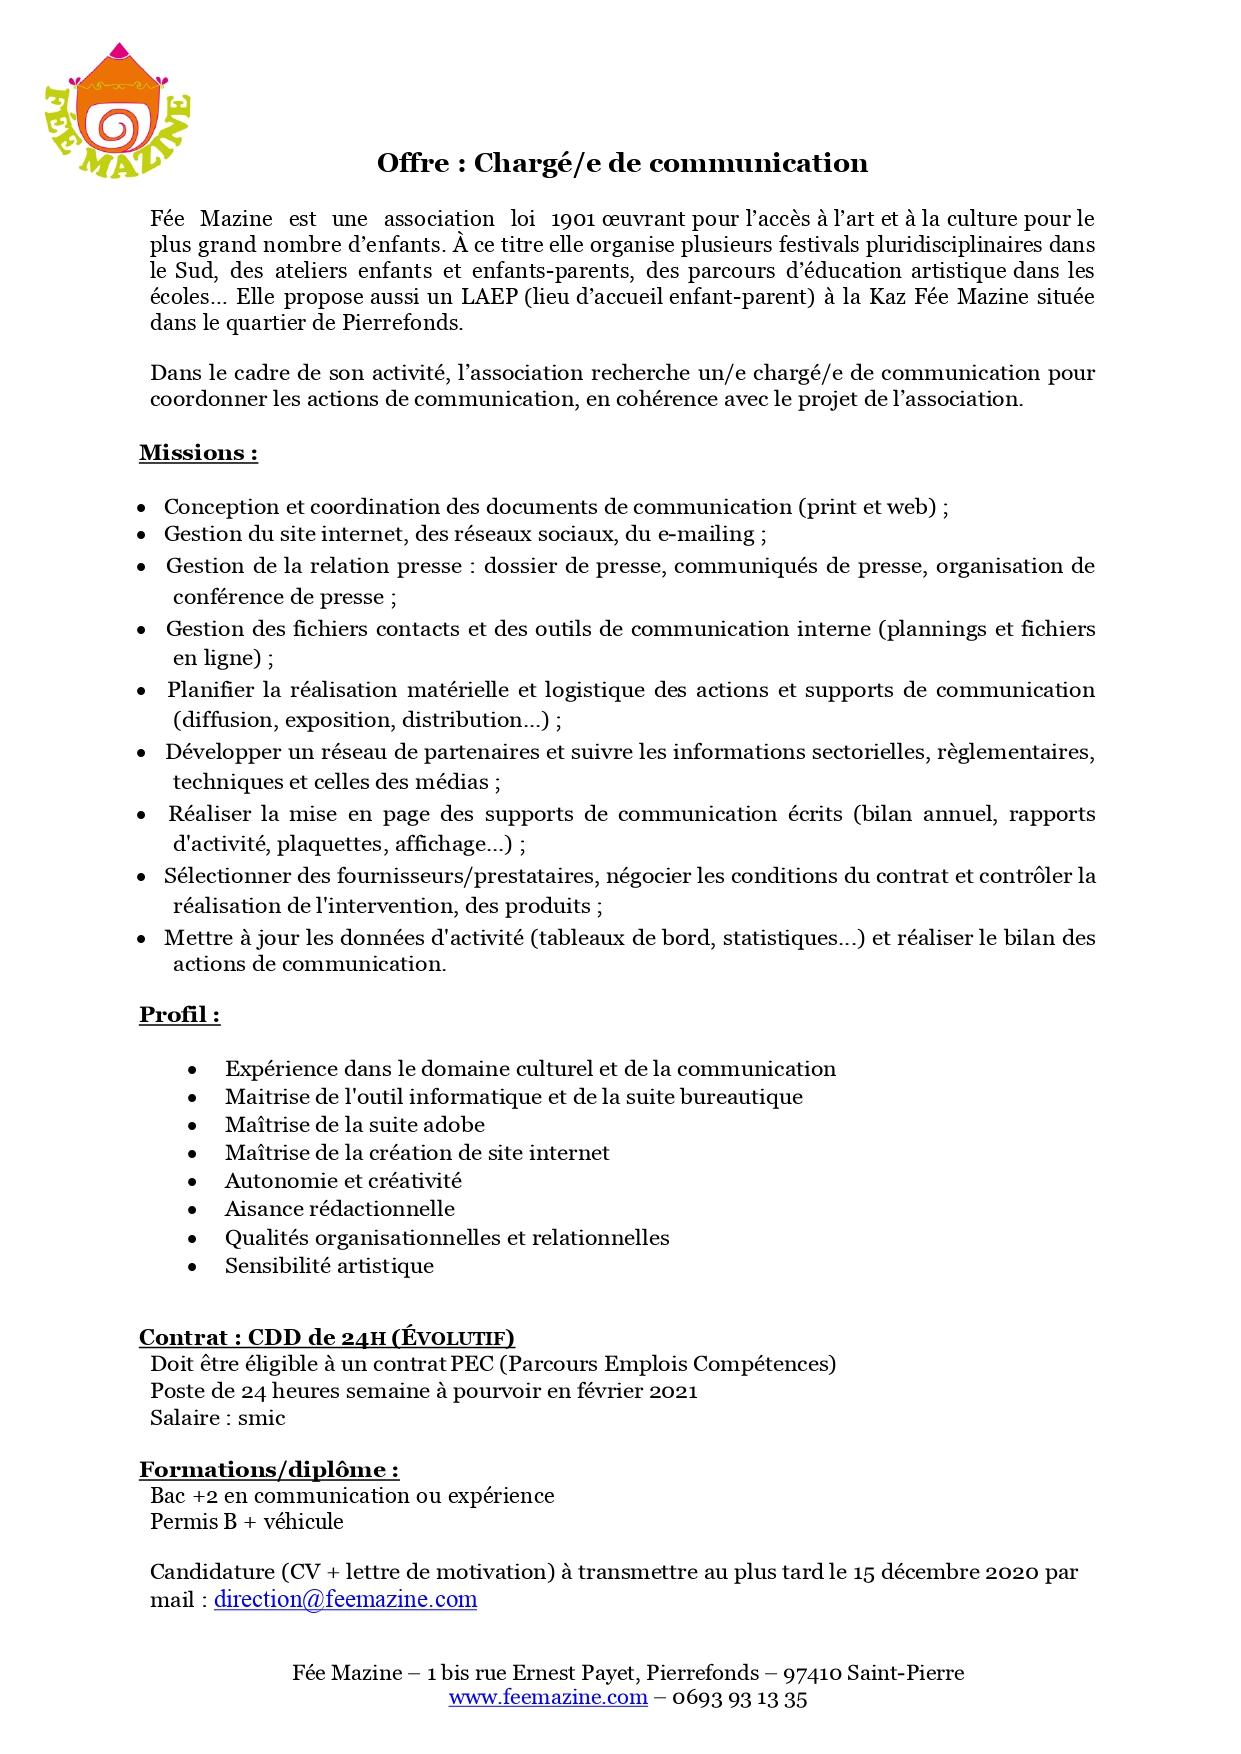 Fée Mazine recrute… un-e chargé-e de communication !